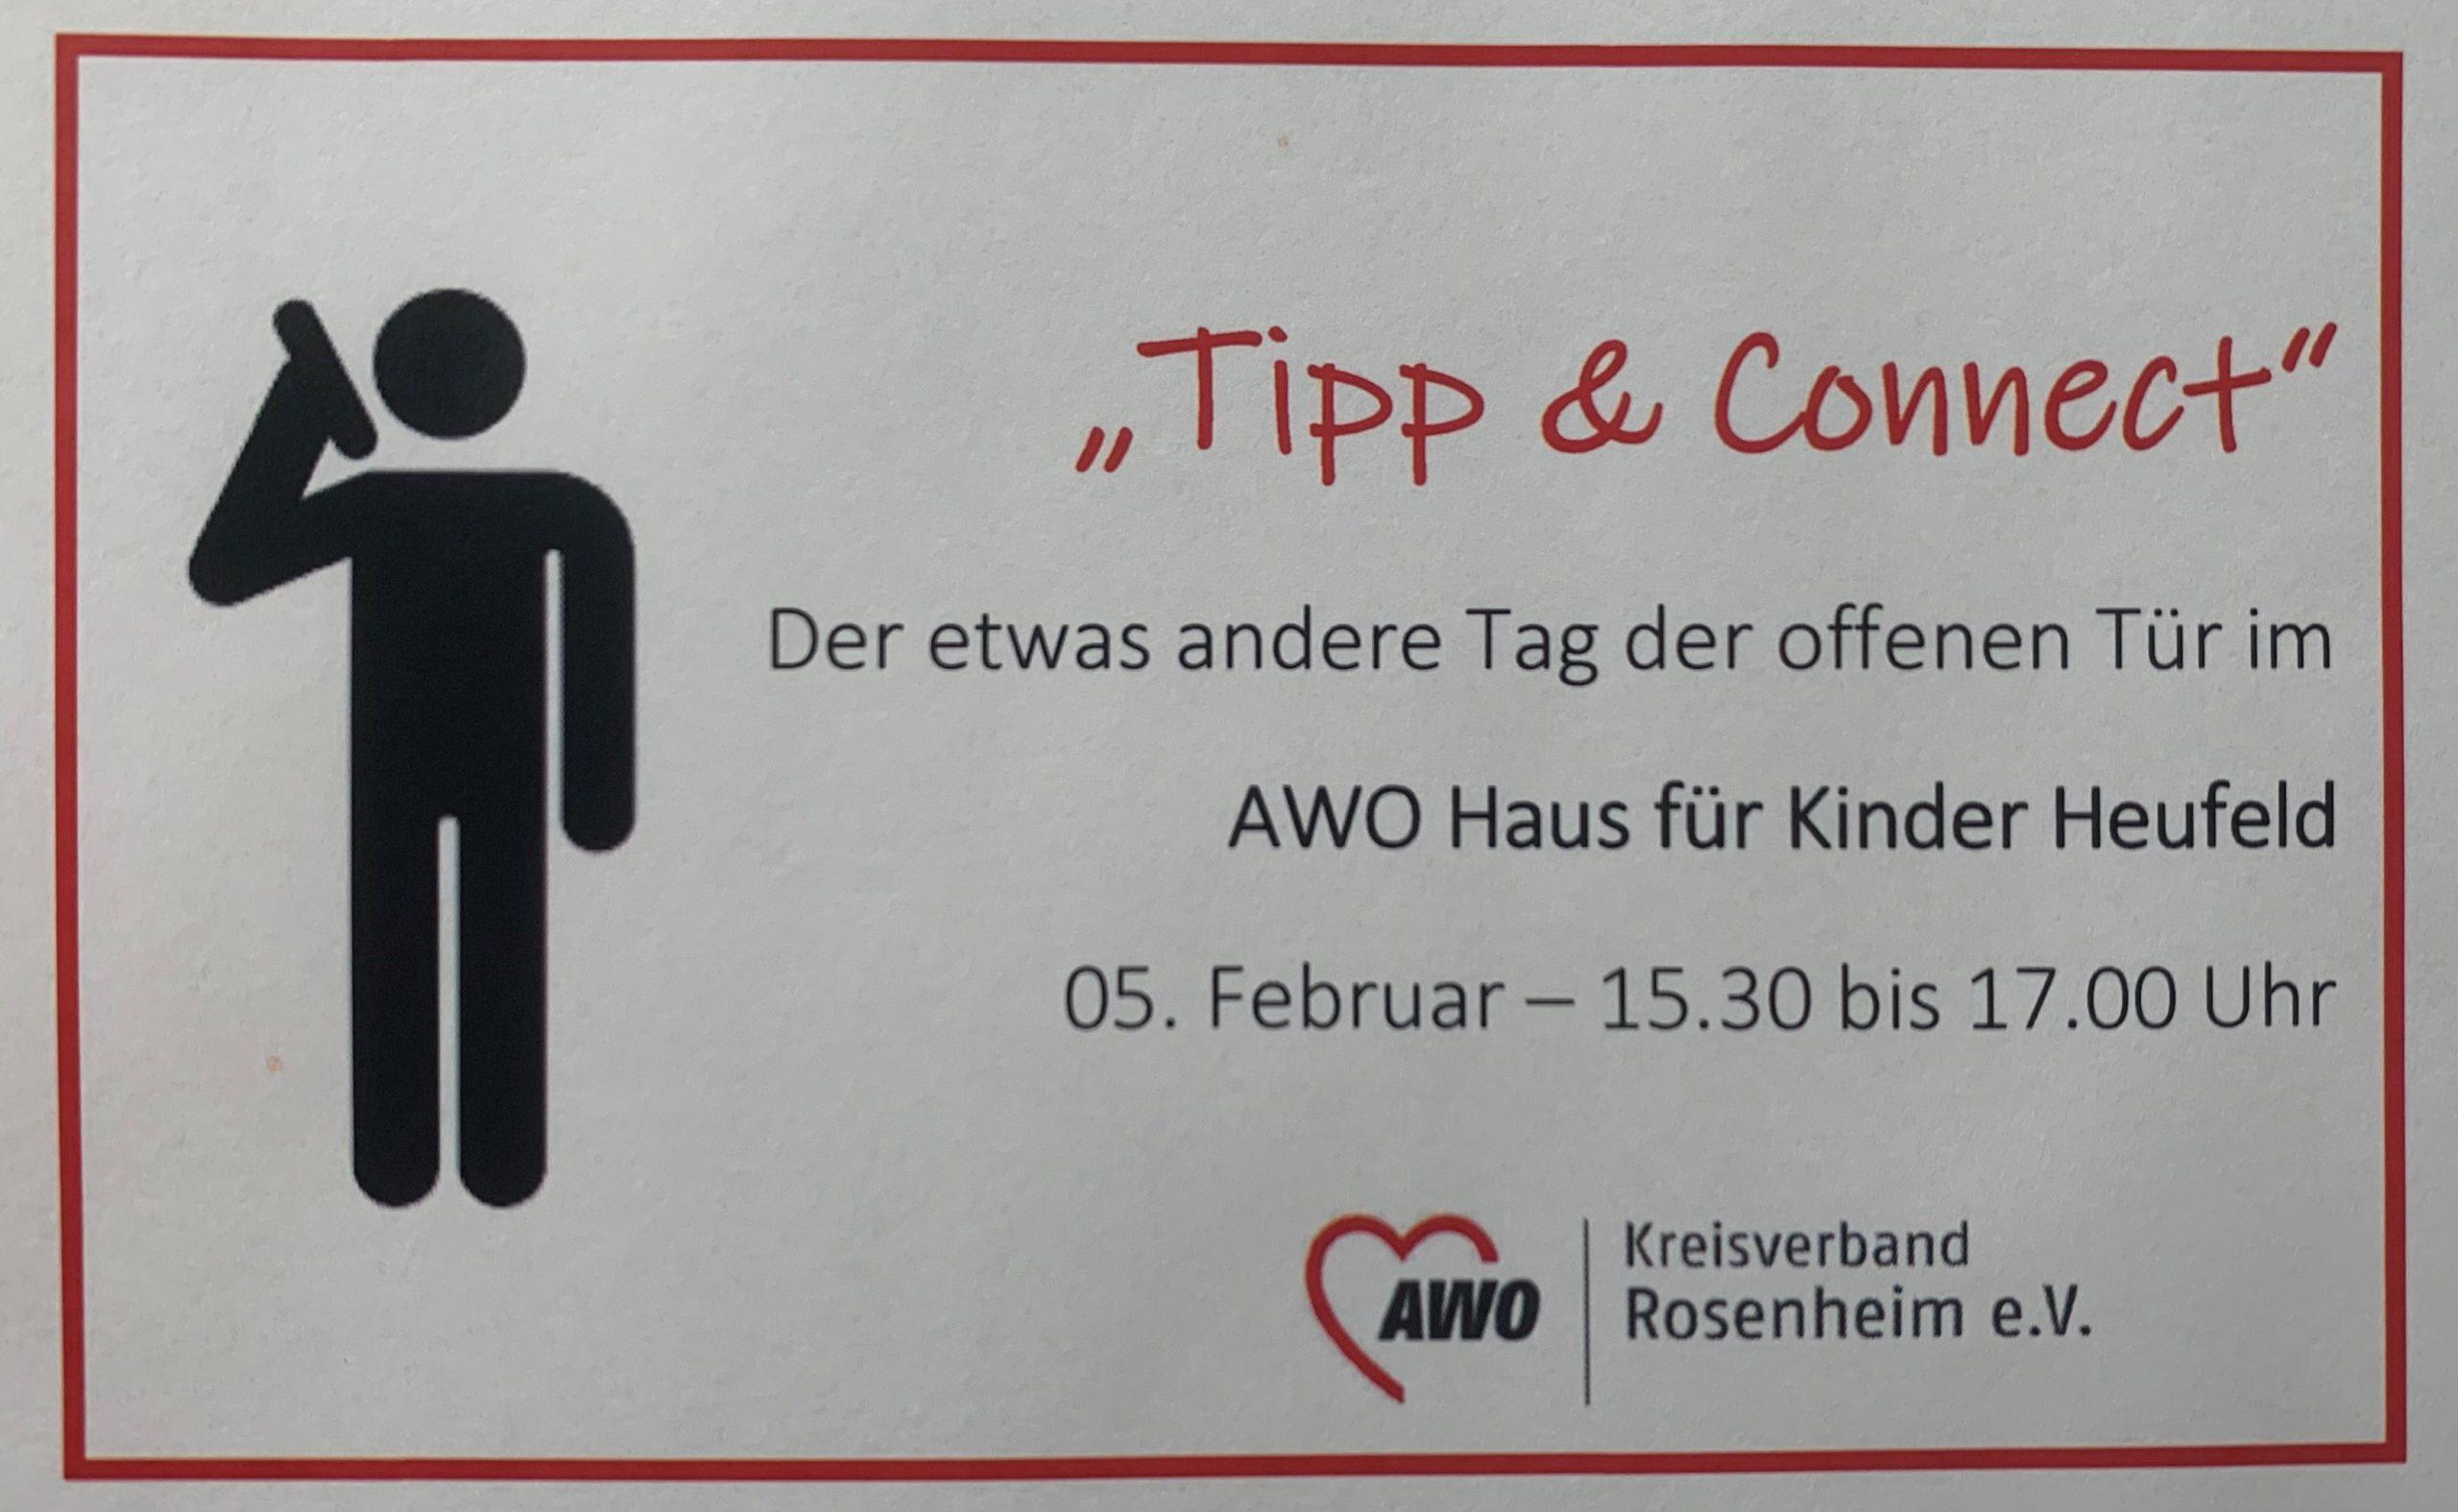 """""""Tipp&Connect"""" der etwas andere Tag der offenen Tür im AWO Haus für Kinder Heufeld"""